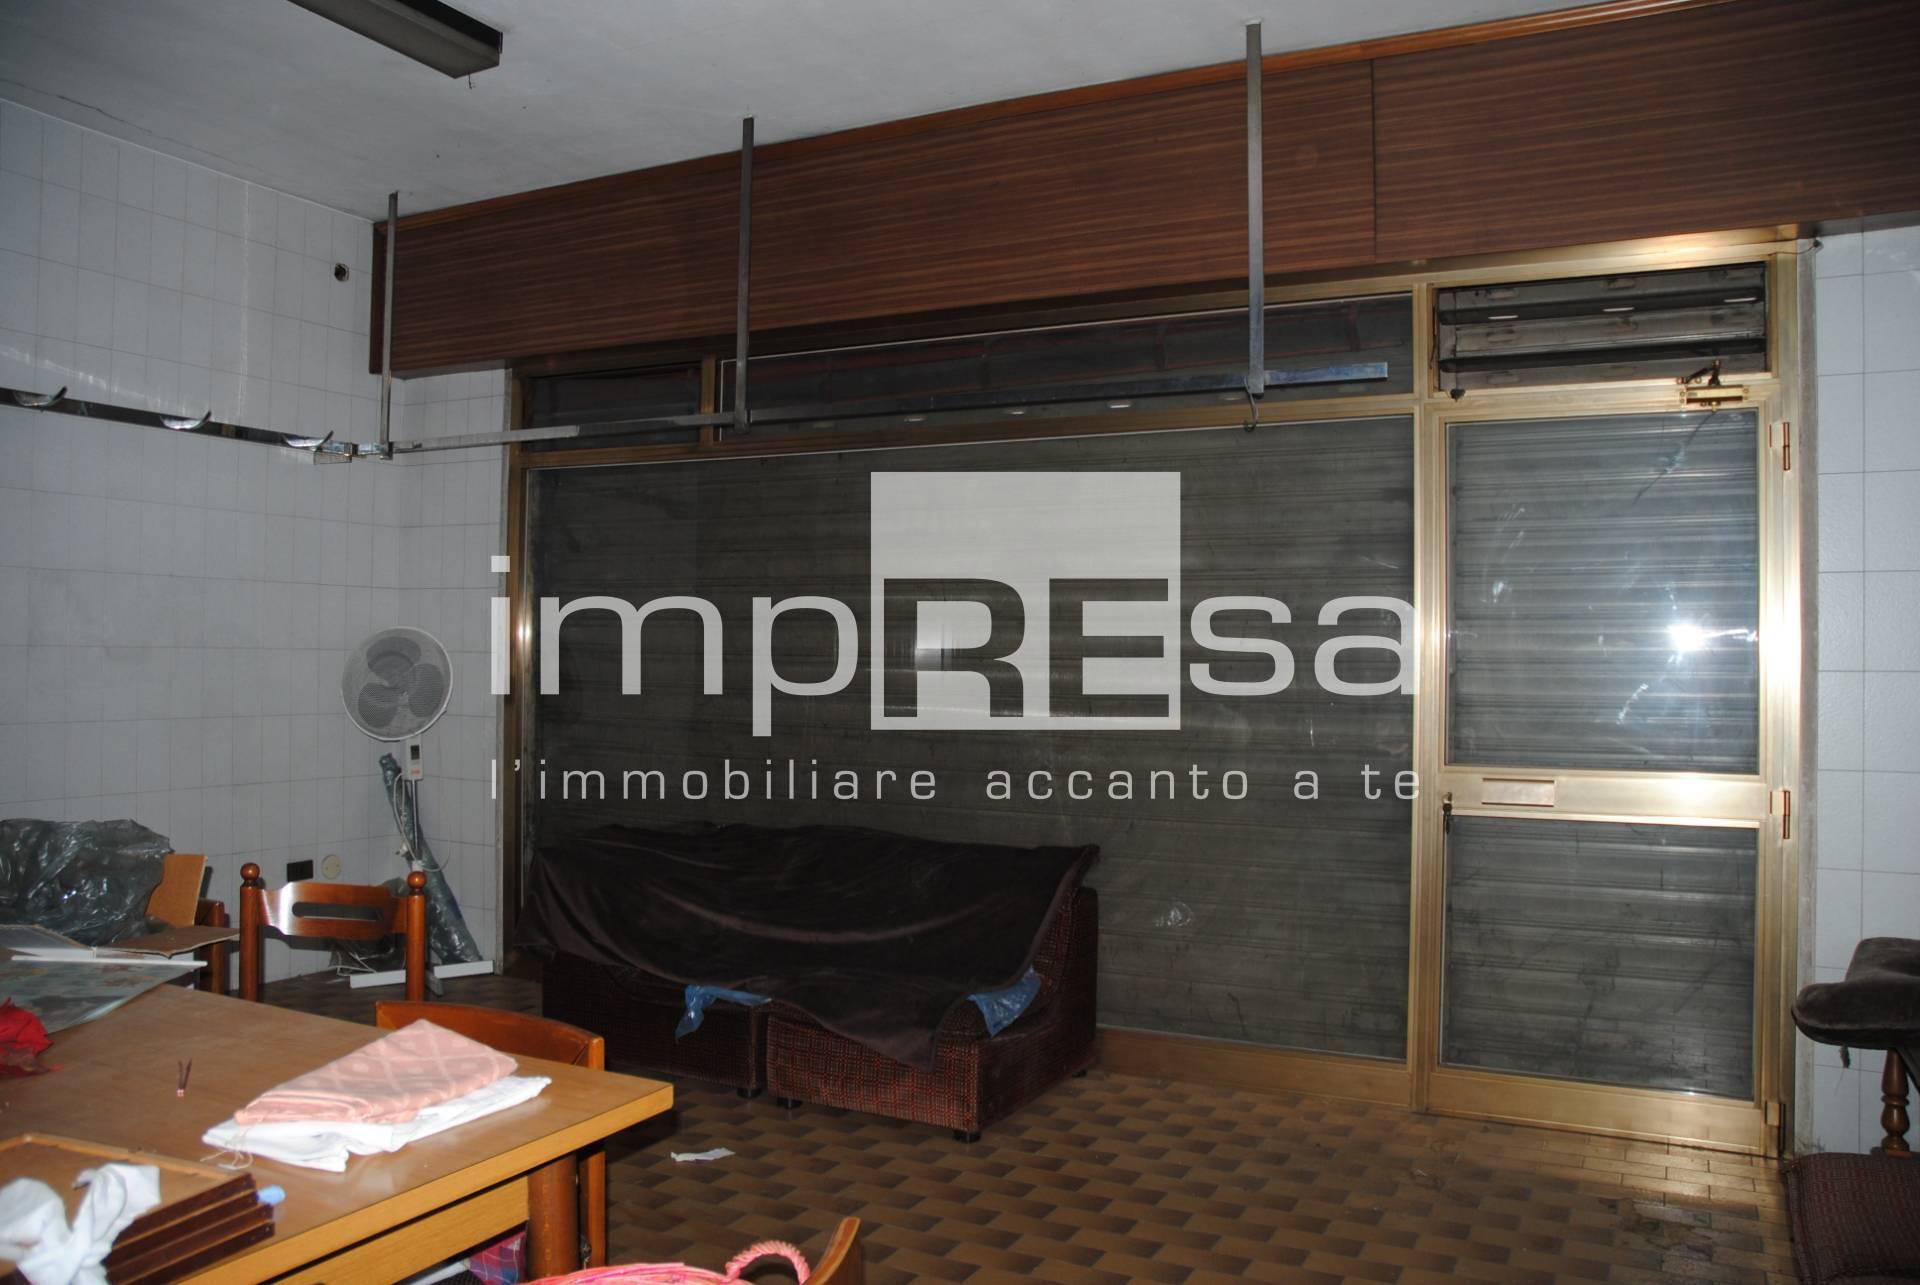 Negozio / Locale in vendita a Trebaseleghe, 9999 locali, zona Località: S.Ambrogio, prezzo € 25.000   CambioCasa.it